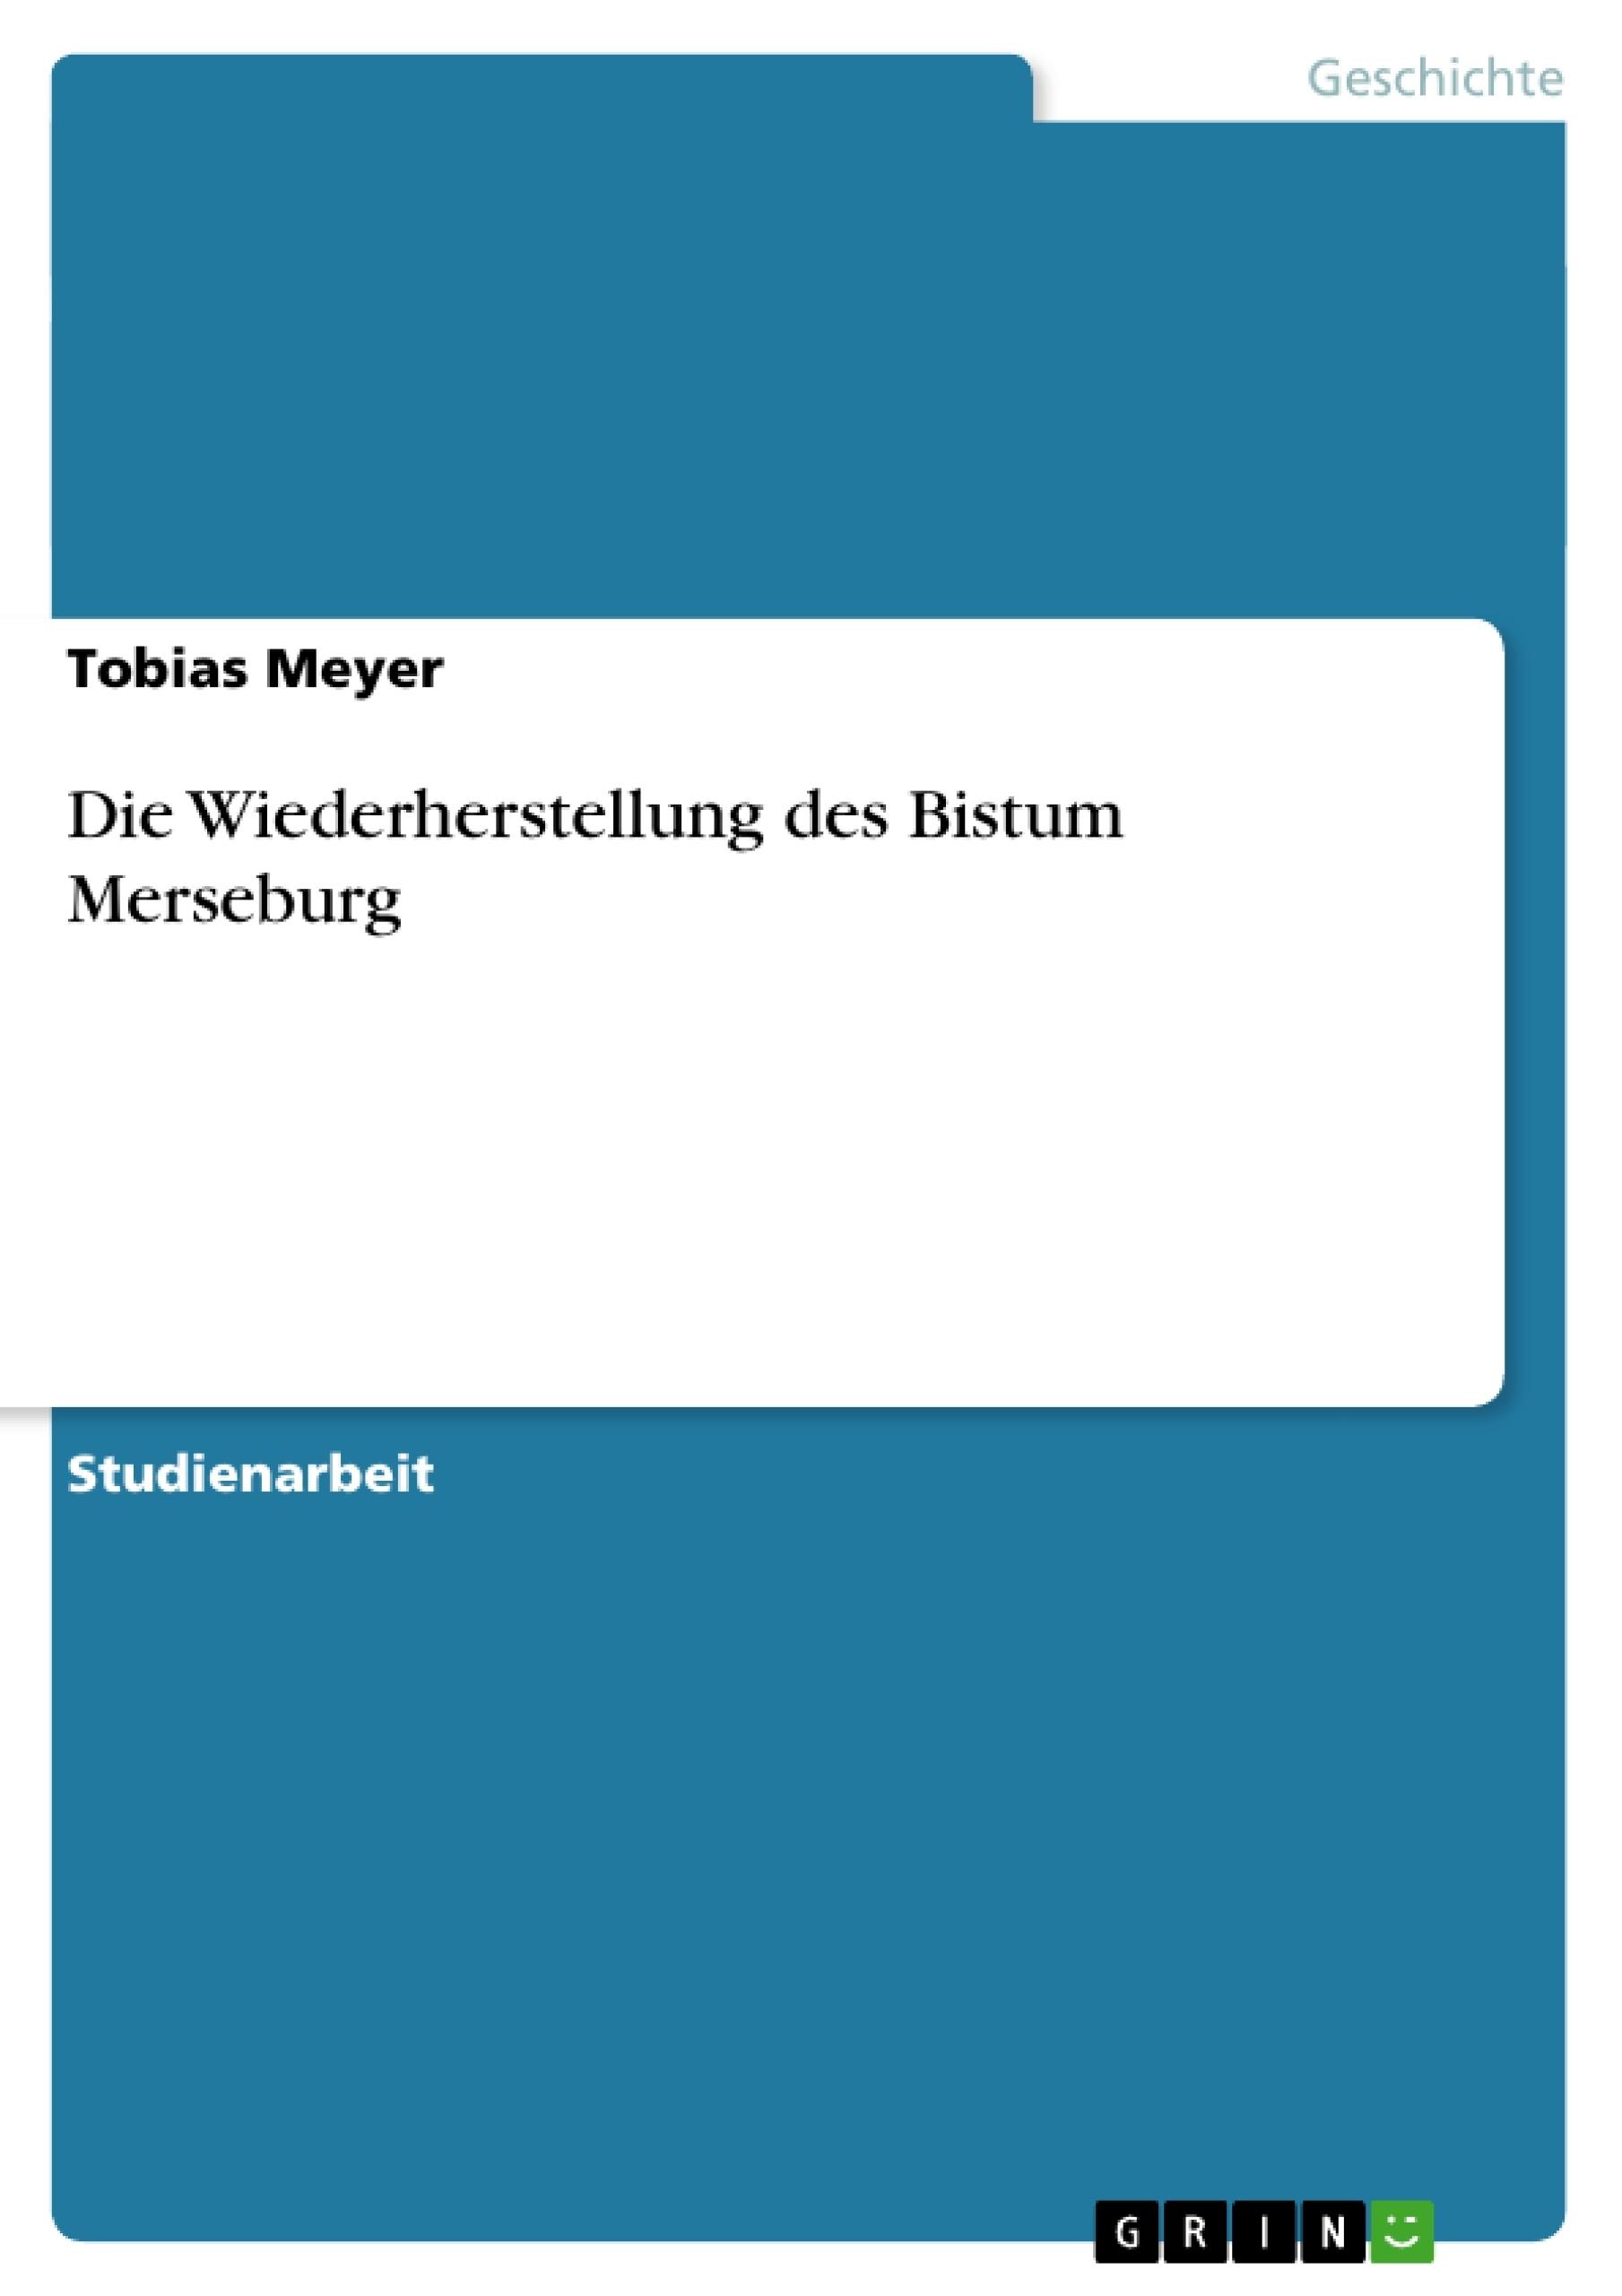 Titel: Die Wiederherstellung des Bistum Merseburg